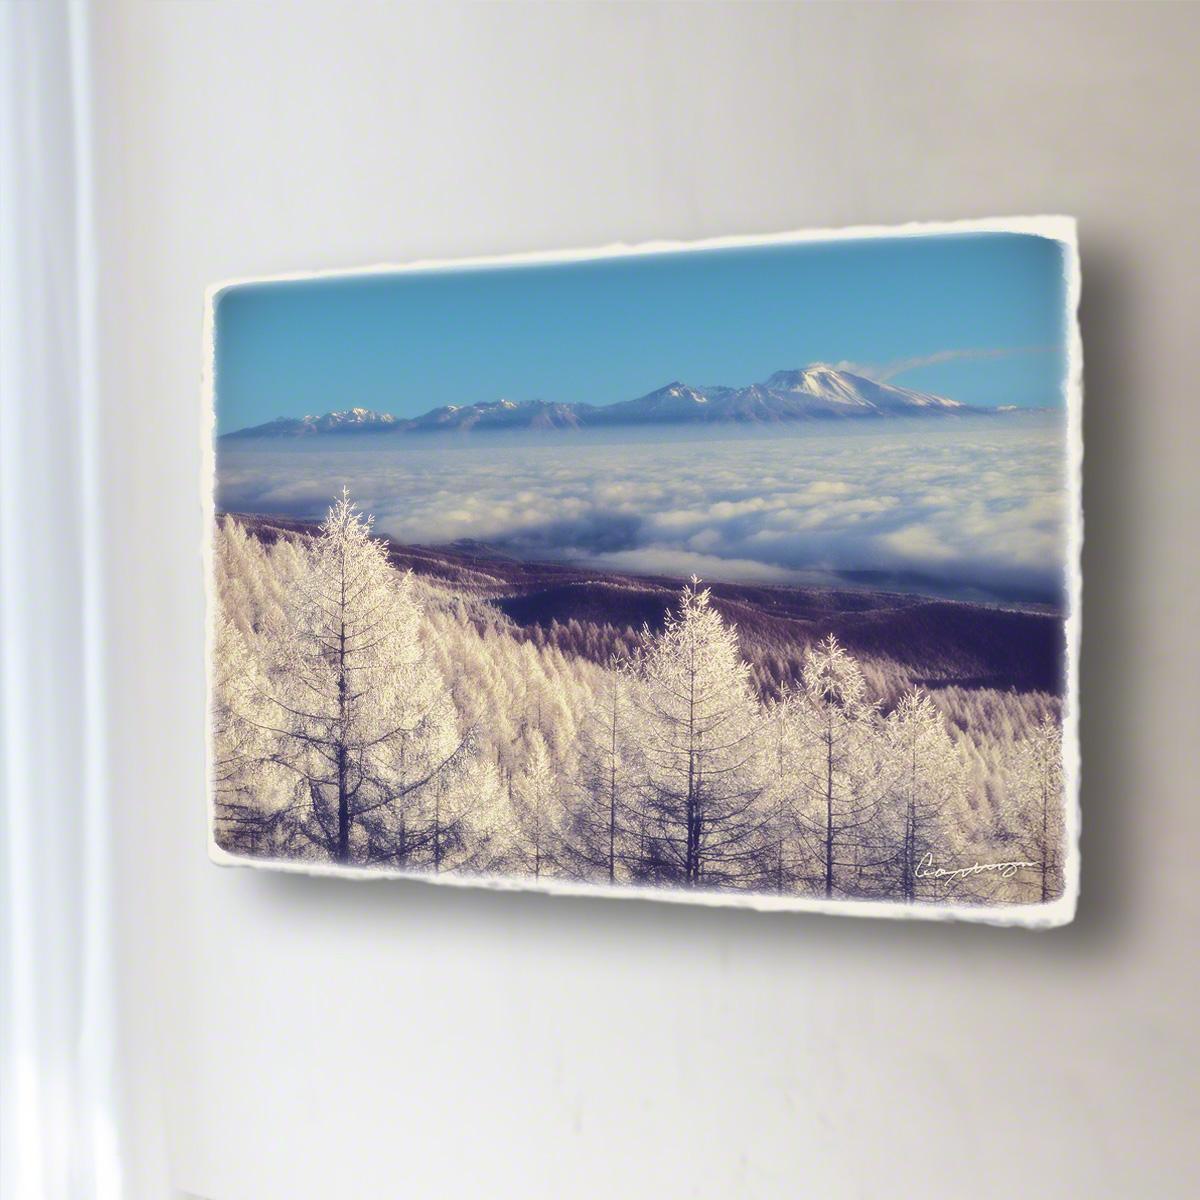 和紙 手作り アートパネル 「カラマツの樹氷と雲海の浅間山」(72x48cm) 絵画 絵 ポスター 壁掛け モダン アート 和風 オリジナル インテリア 風景画 ランキング おすすめ おしゃれ 人気 キッチン リビング ダイニング 玄関 和室